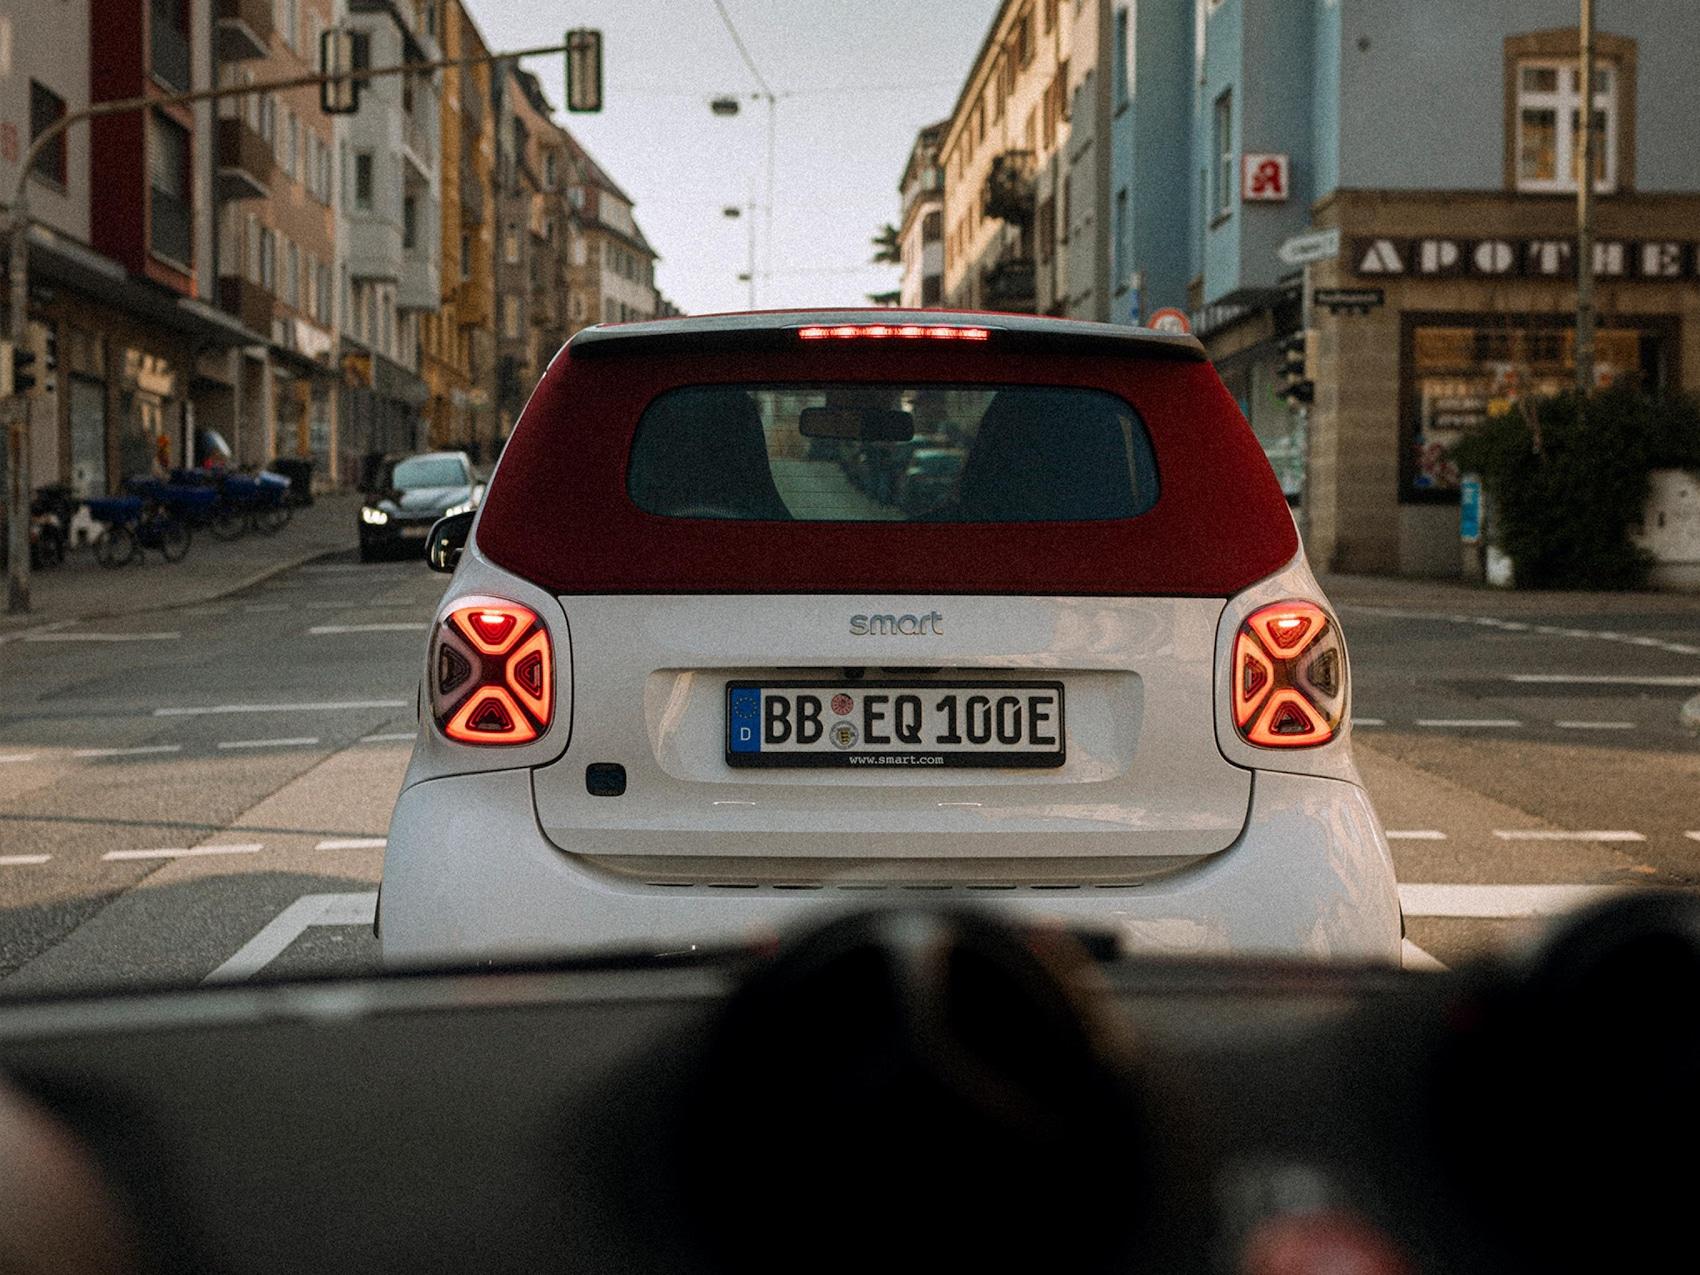 Weißes smart EQ fortwo cabrio mit rotem Dach ist von hinten zu sehen.